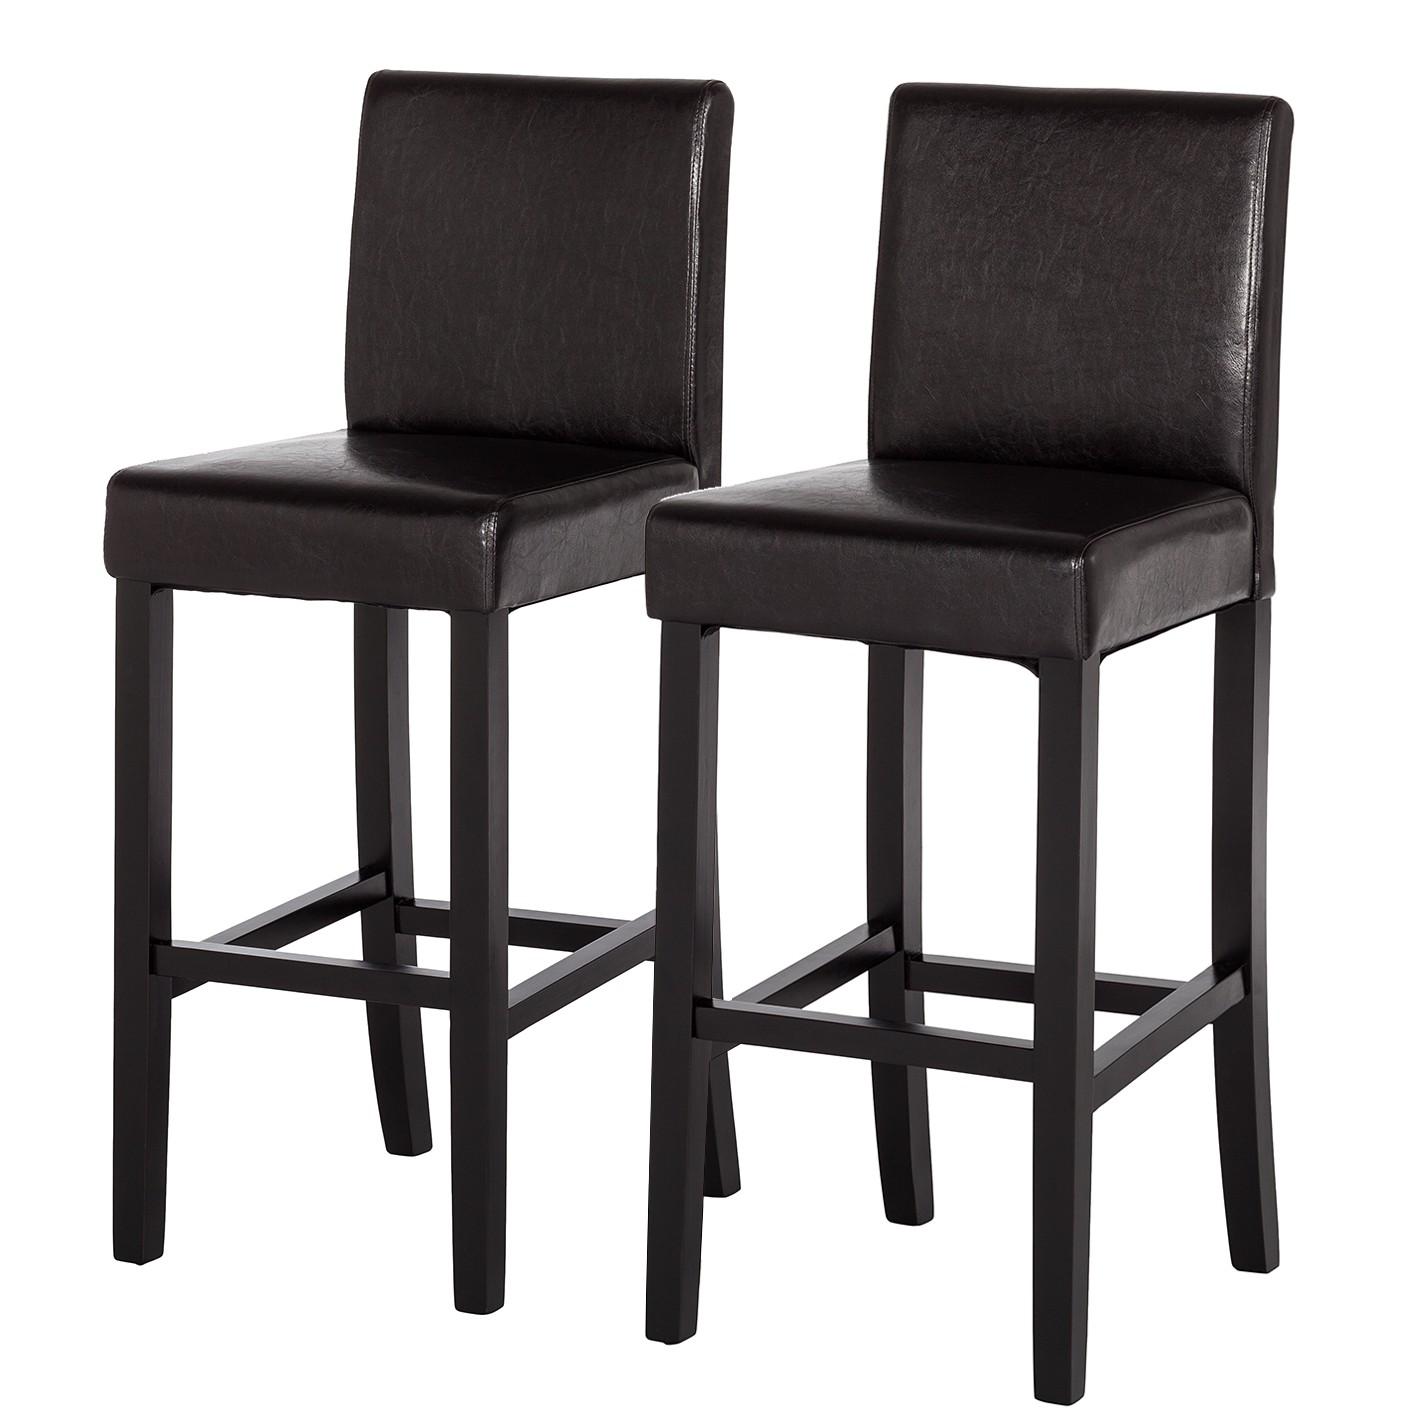 home24 barstuhl nello 2er set. Black Bedroom Furniture Sets. Home Design Ideas